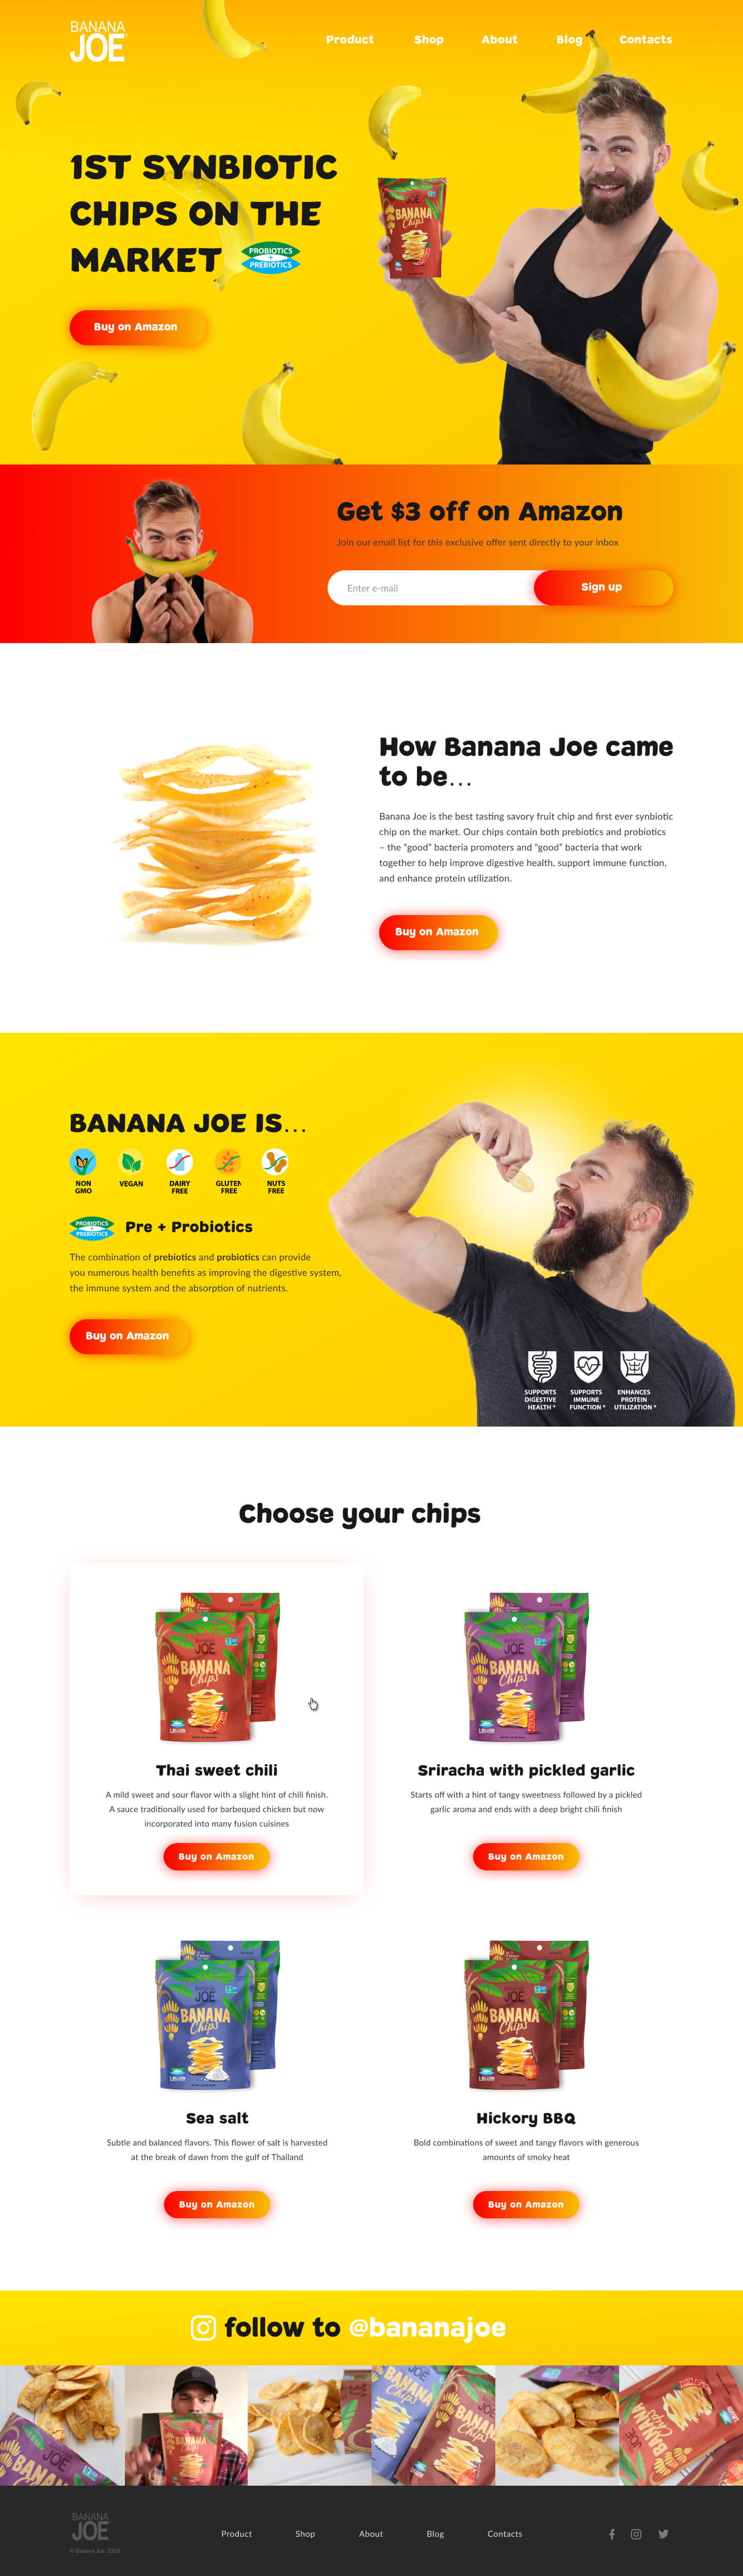 Banana Joe home